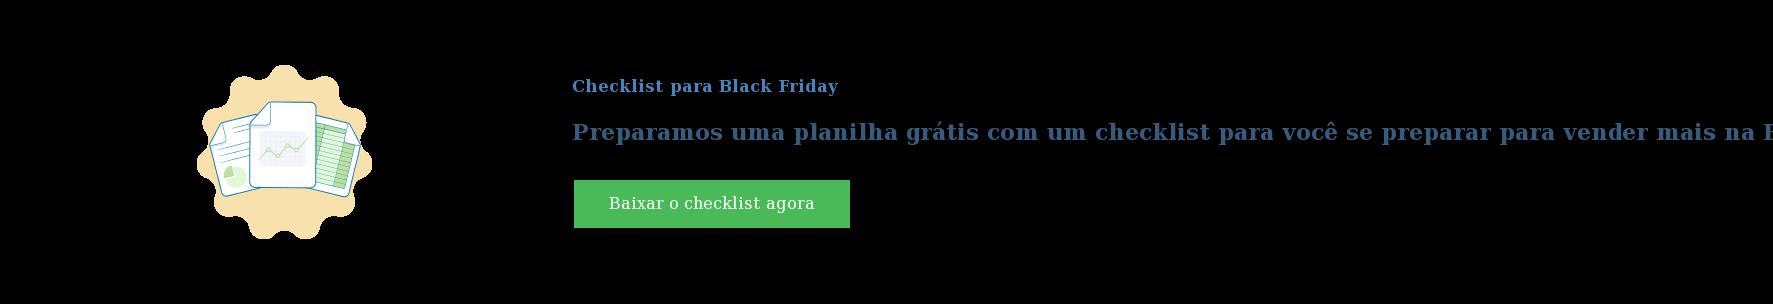 Checklist para Black Friday  Preparamos uma planilha grátis com um checklist para você se preparar para  vender mais na Black Friday (sem supresas) Baixar o checklist agora